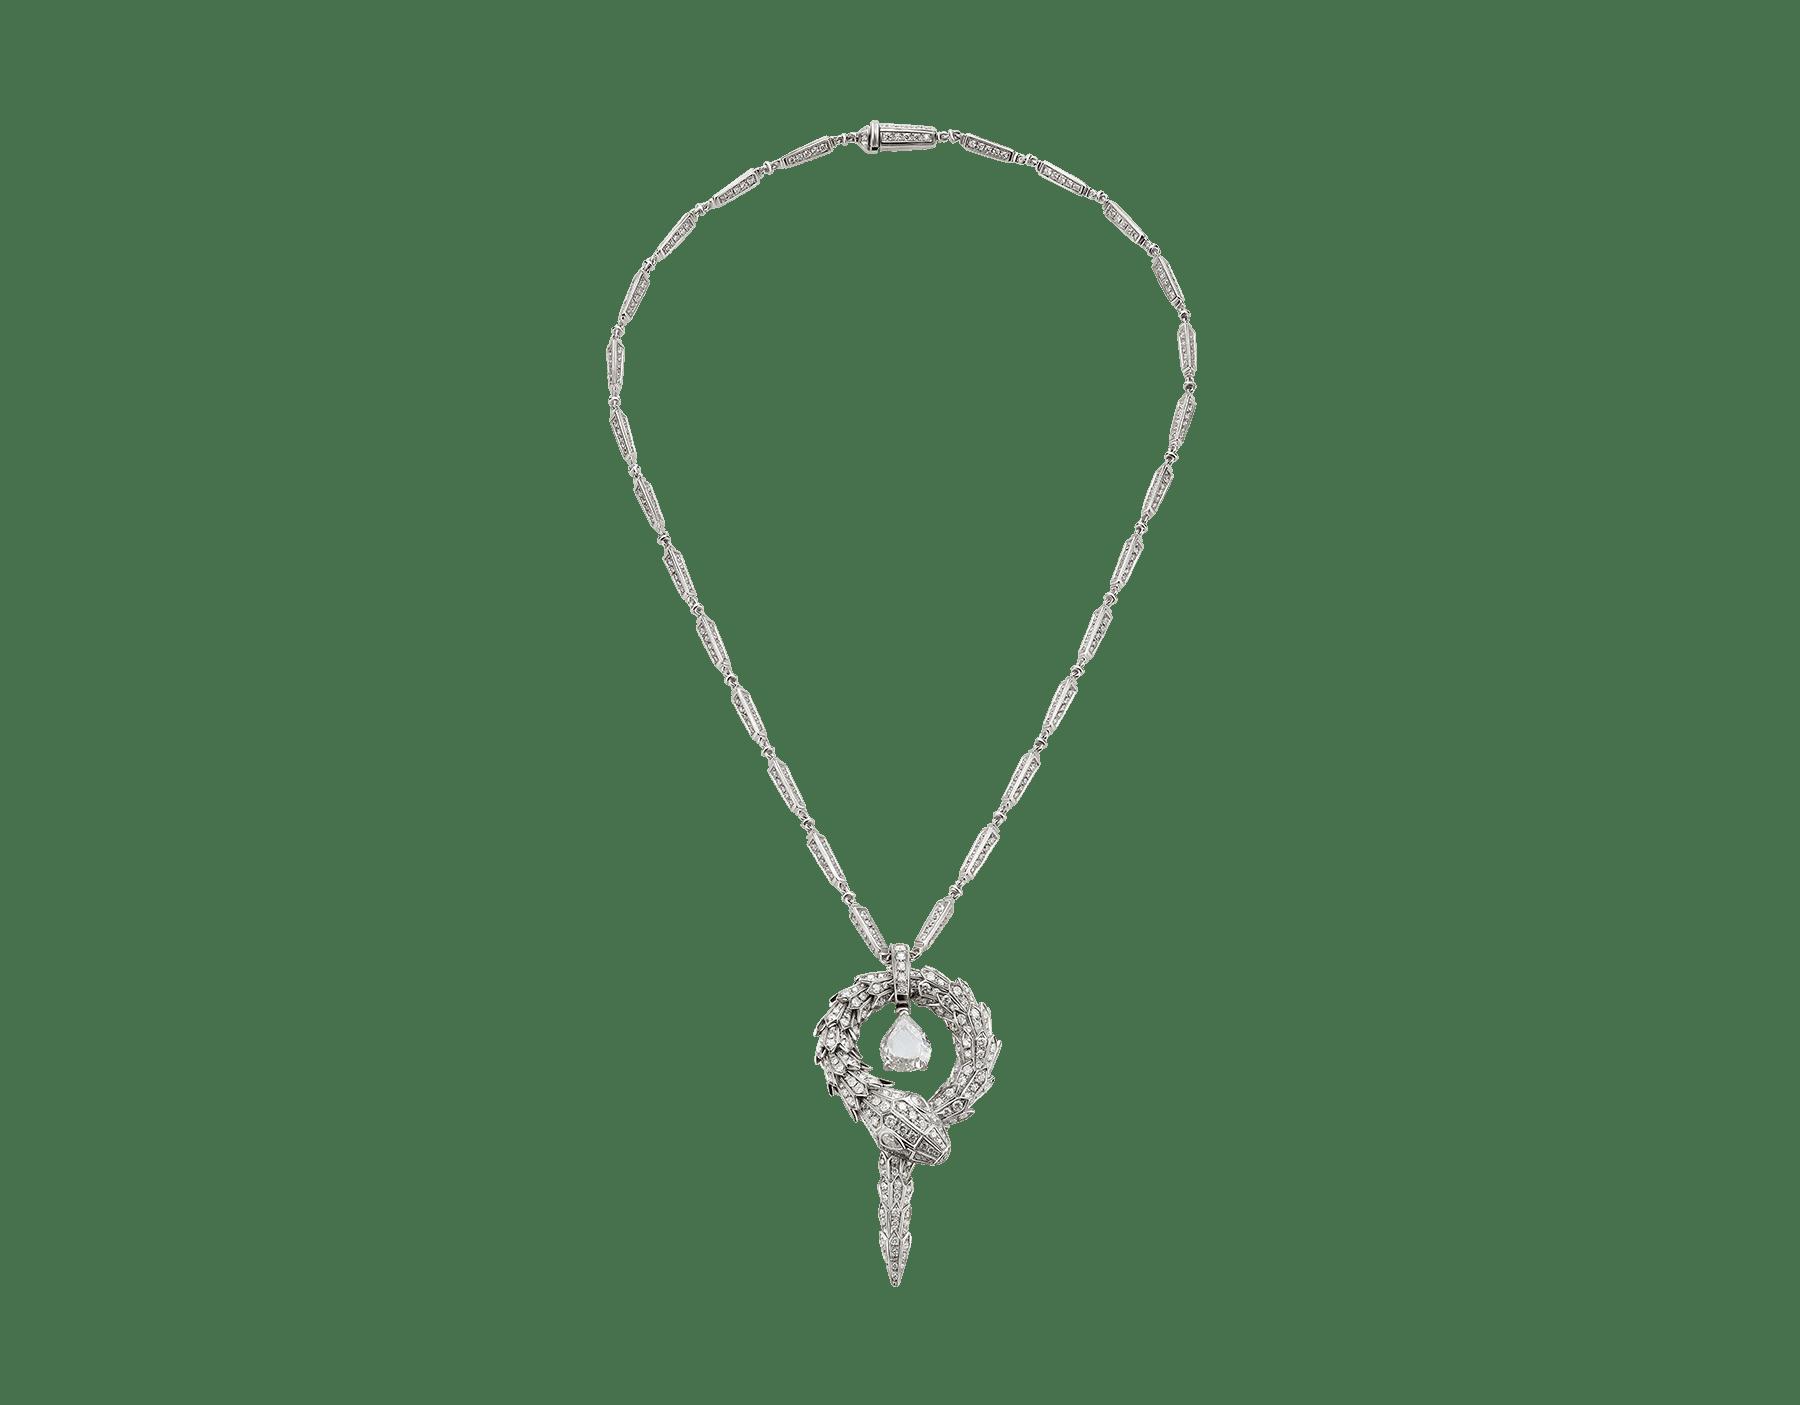 Serpenti系列吊坠,小号,白色18K金材质,镶嵌中央钻石和密镶钻石 354088 image 1